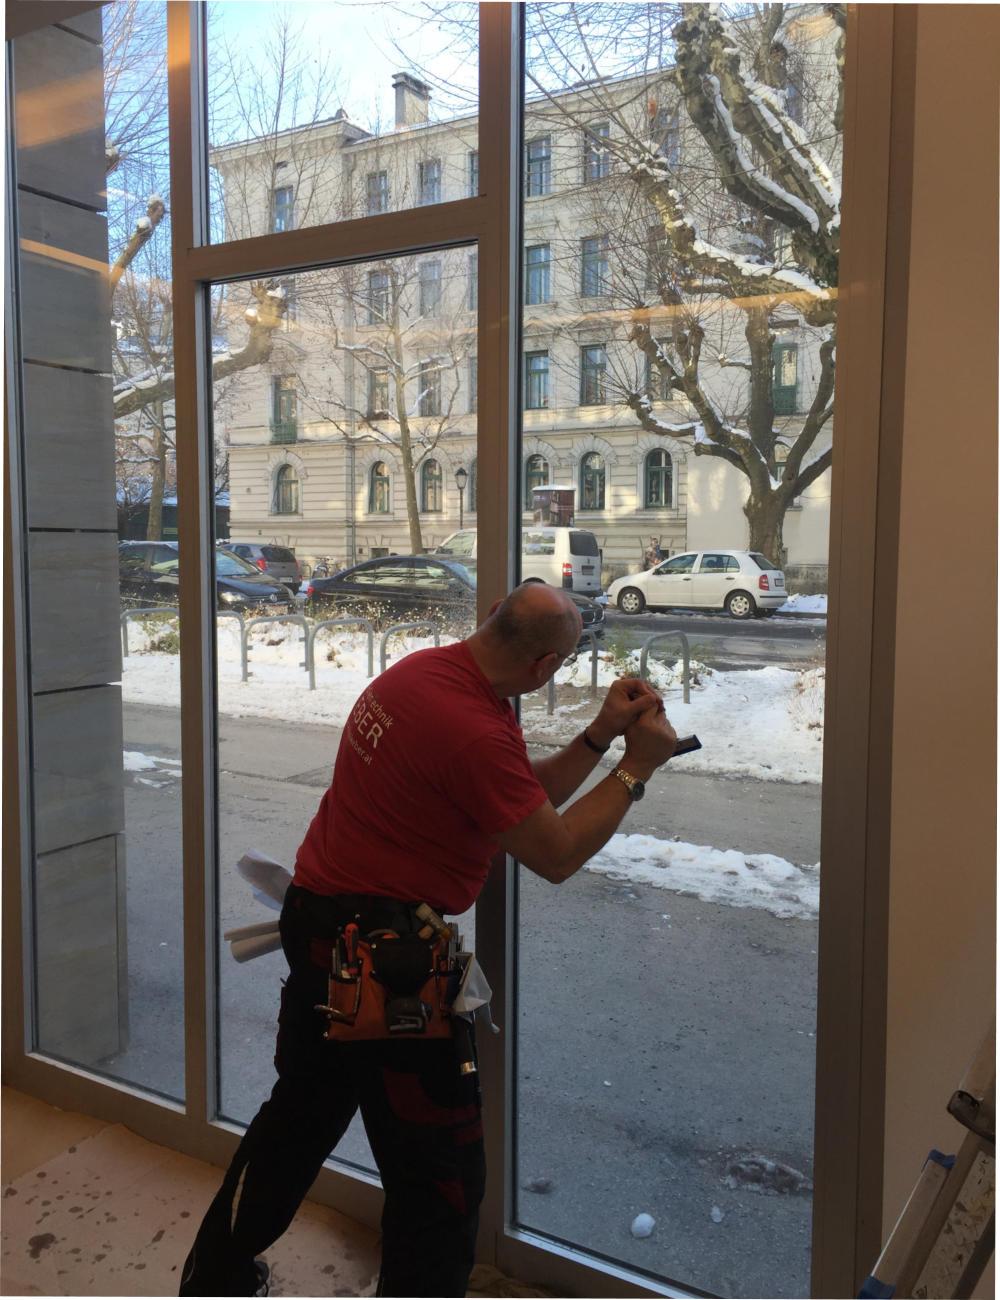 Full Size of Fenster Sicherheitsfolie Randanbindung Berlin Amazon Test Preis Montage Einbruch Kosten Sicherheitsfolien Rc3 Rolladen Nachträglich Einbauen Sonnenschutz Fenster Fenster Sicherheitsfolie